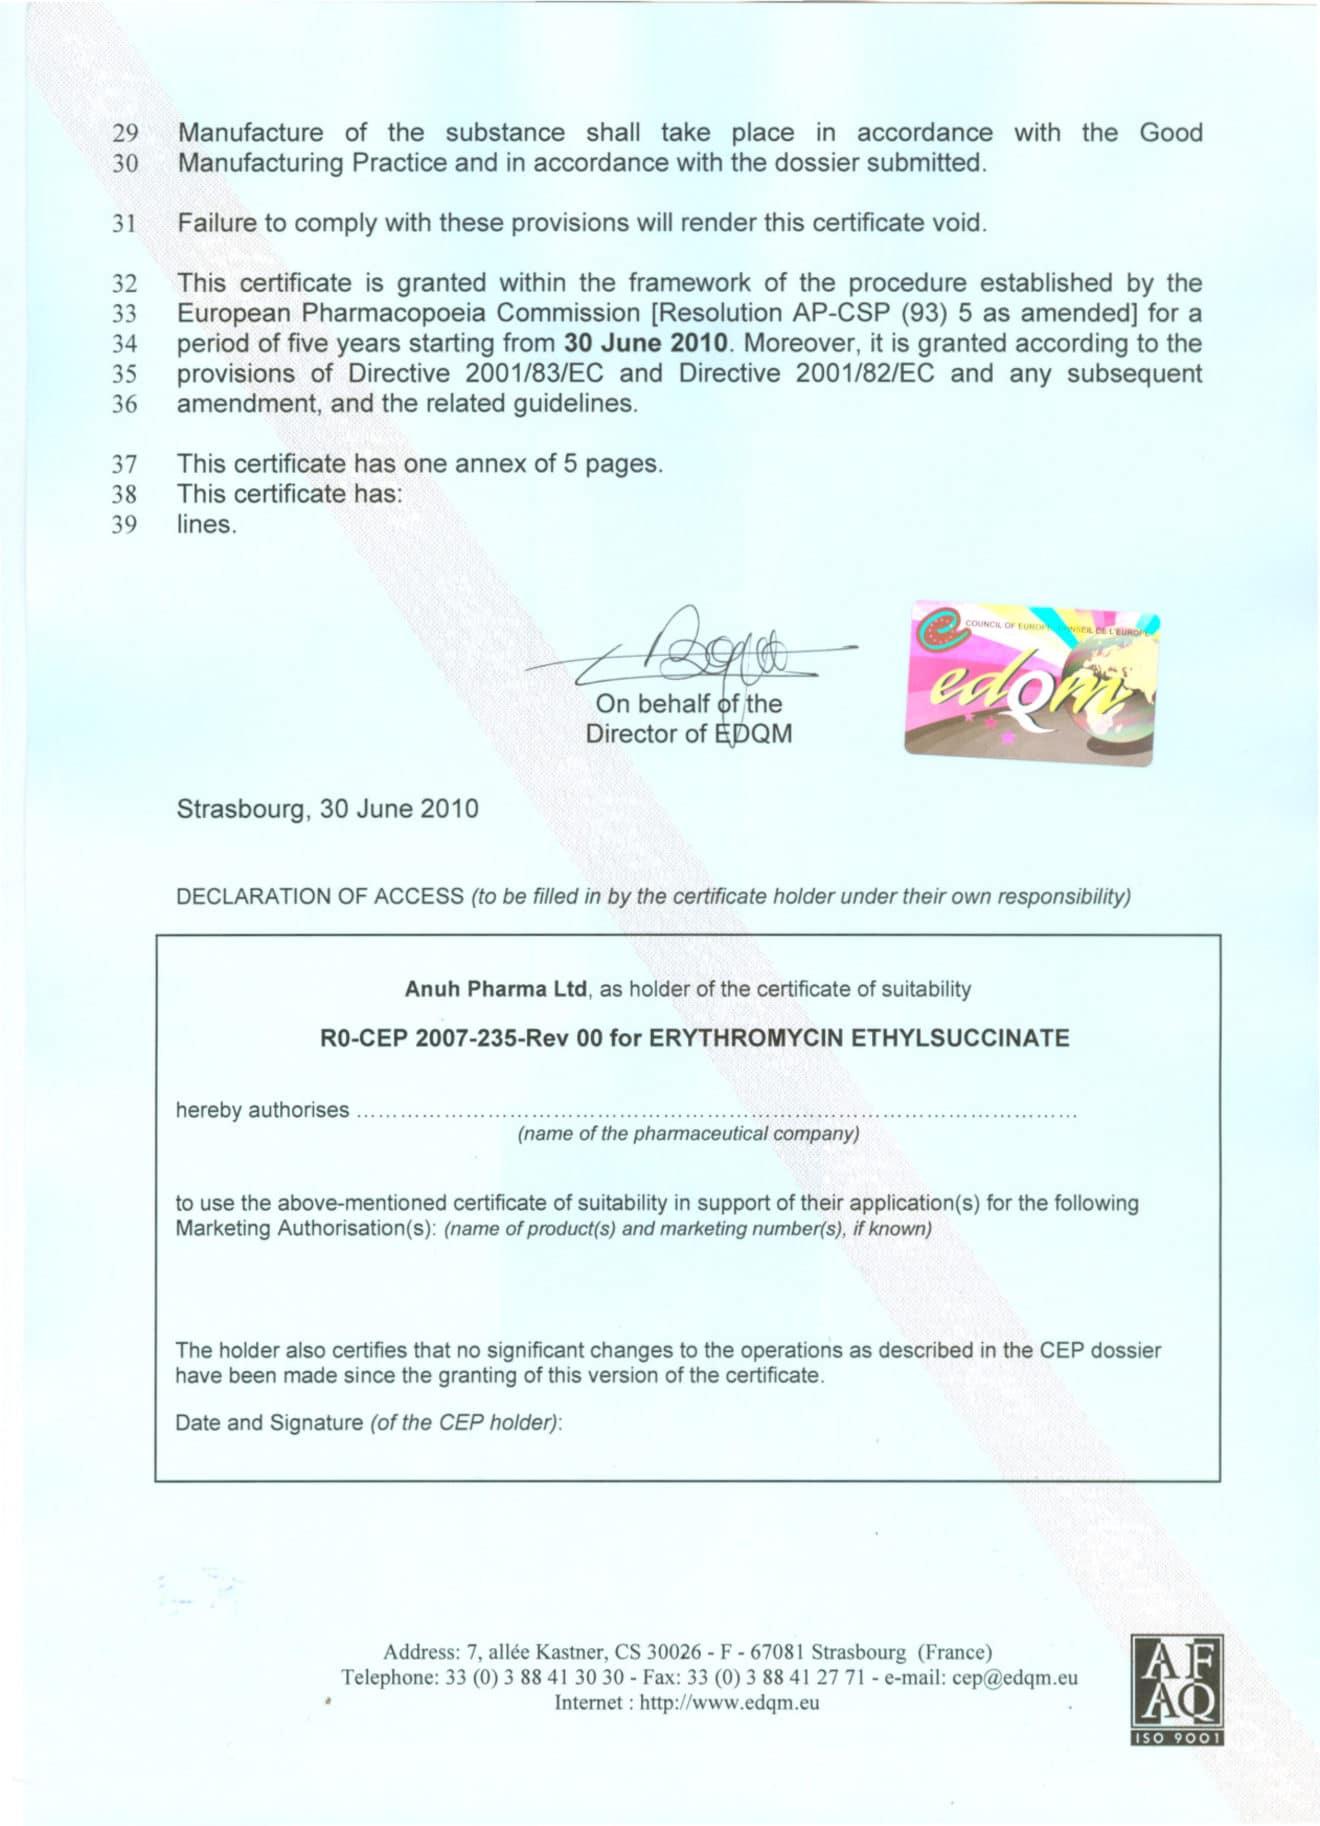 Anuh Pharma European Pharma Commission Certificate